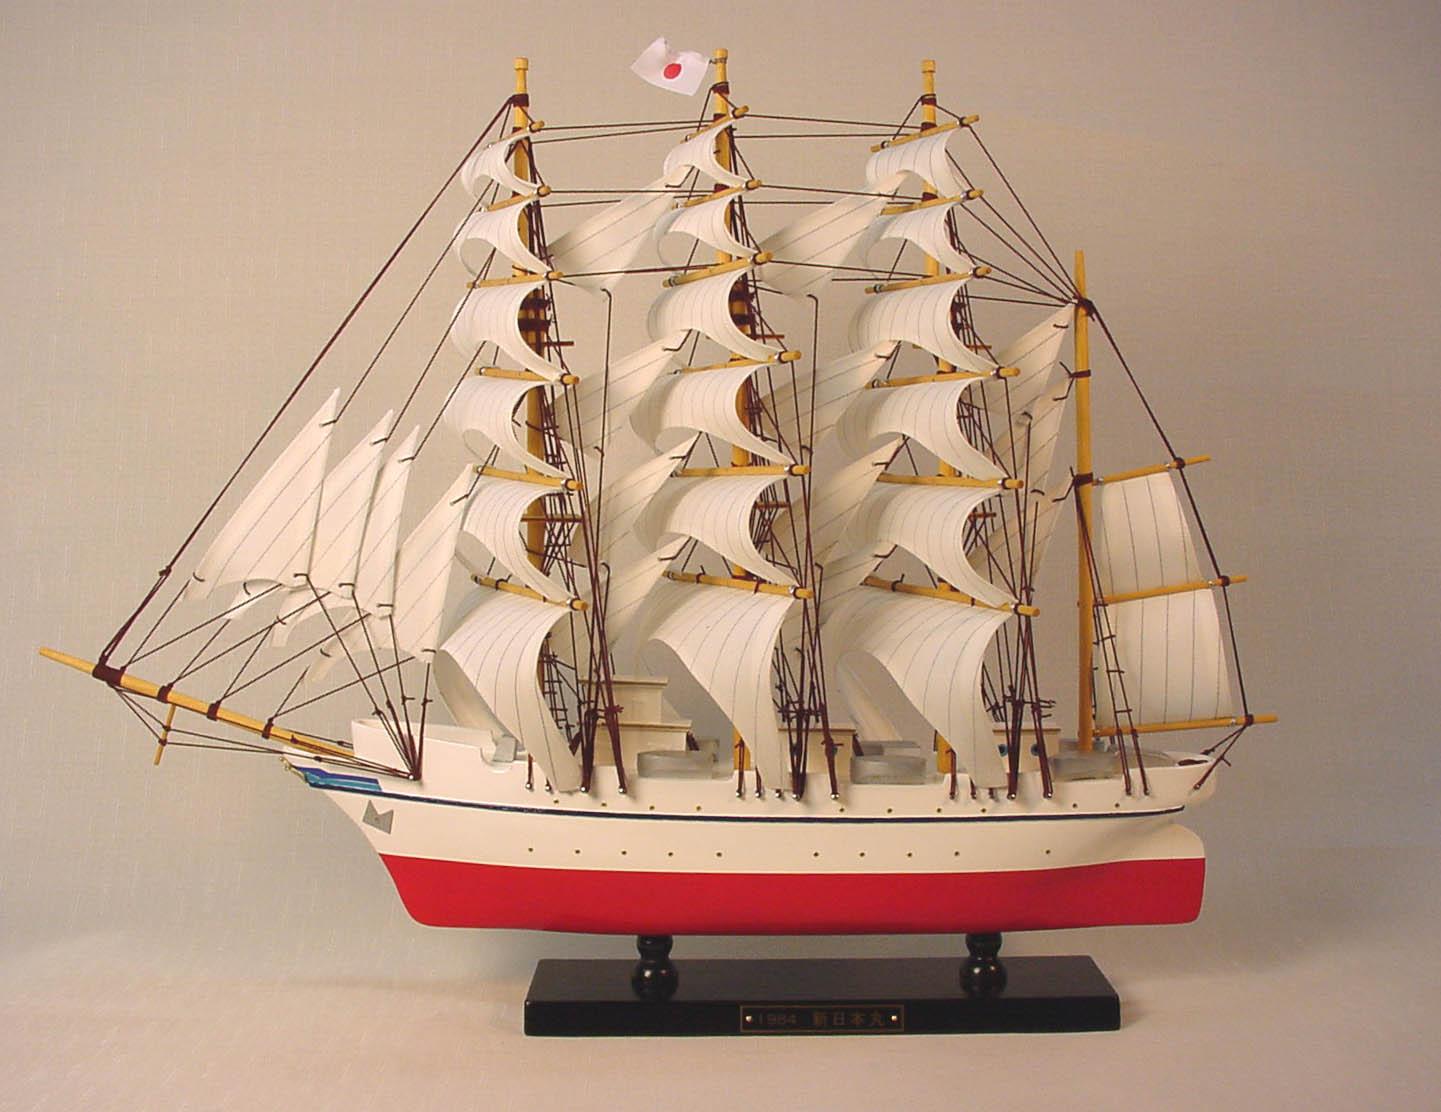 帆船模型 モデルシップ 完成品 No253 新日本丸 新築祝 開業祝 お祝い 門出【楽ギフ_のし】【楽ギフ_メッセ入力】